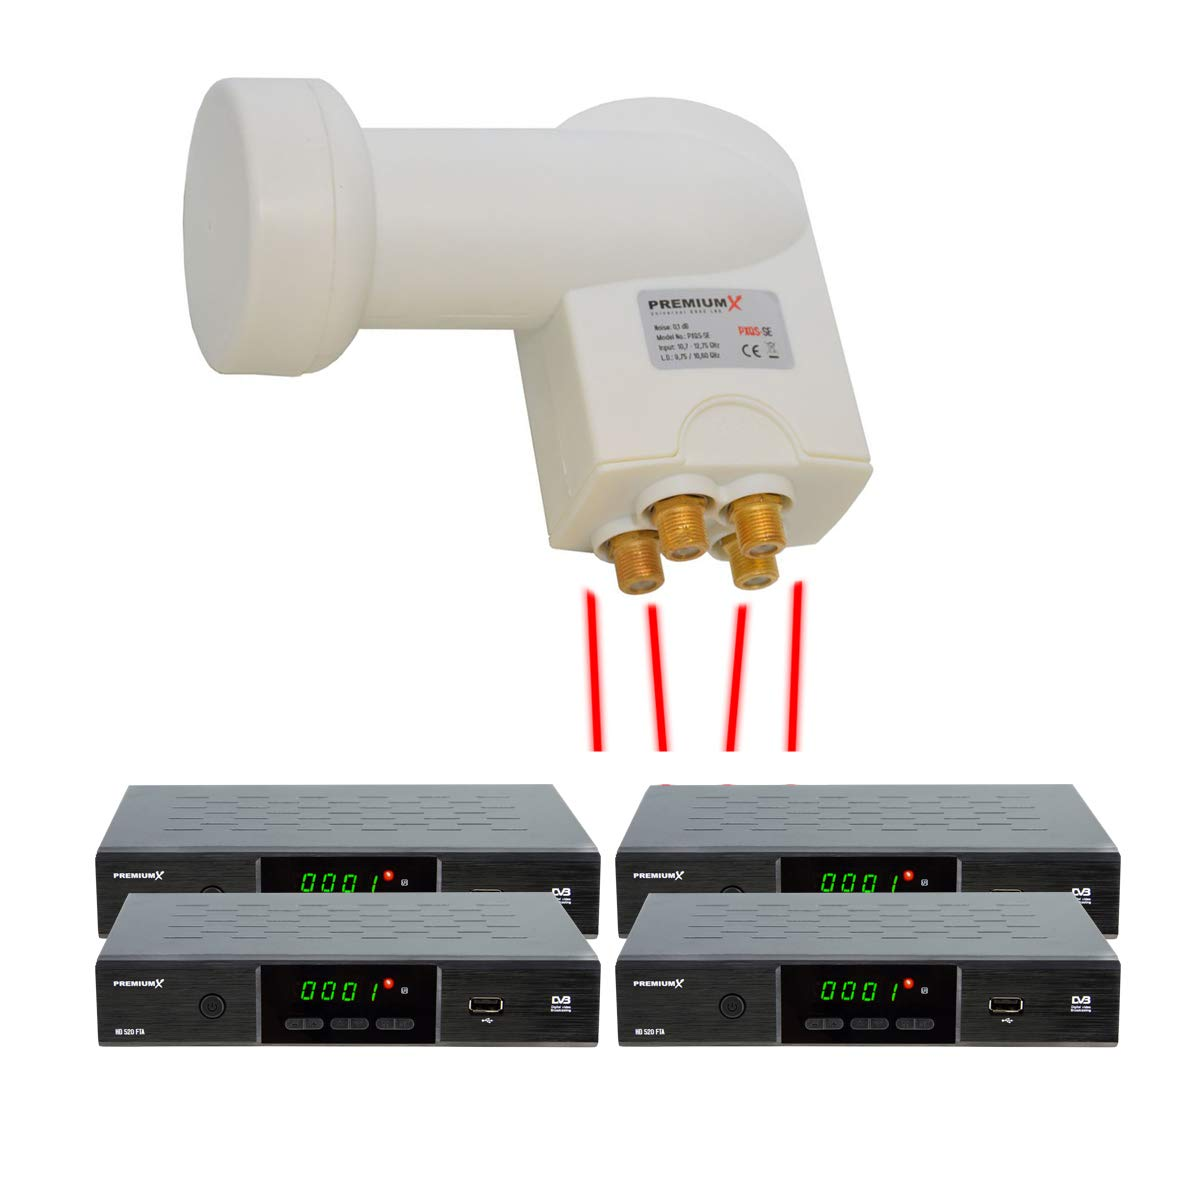 PremiumX Quad LNB Digital SAT f/ür 4 Teilnehmer Wei/ß Quattro Switch 4-Fach Empfangskopf 0,1dB DVB-S2 HDTV 4K Wetterschutz